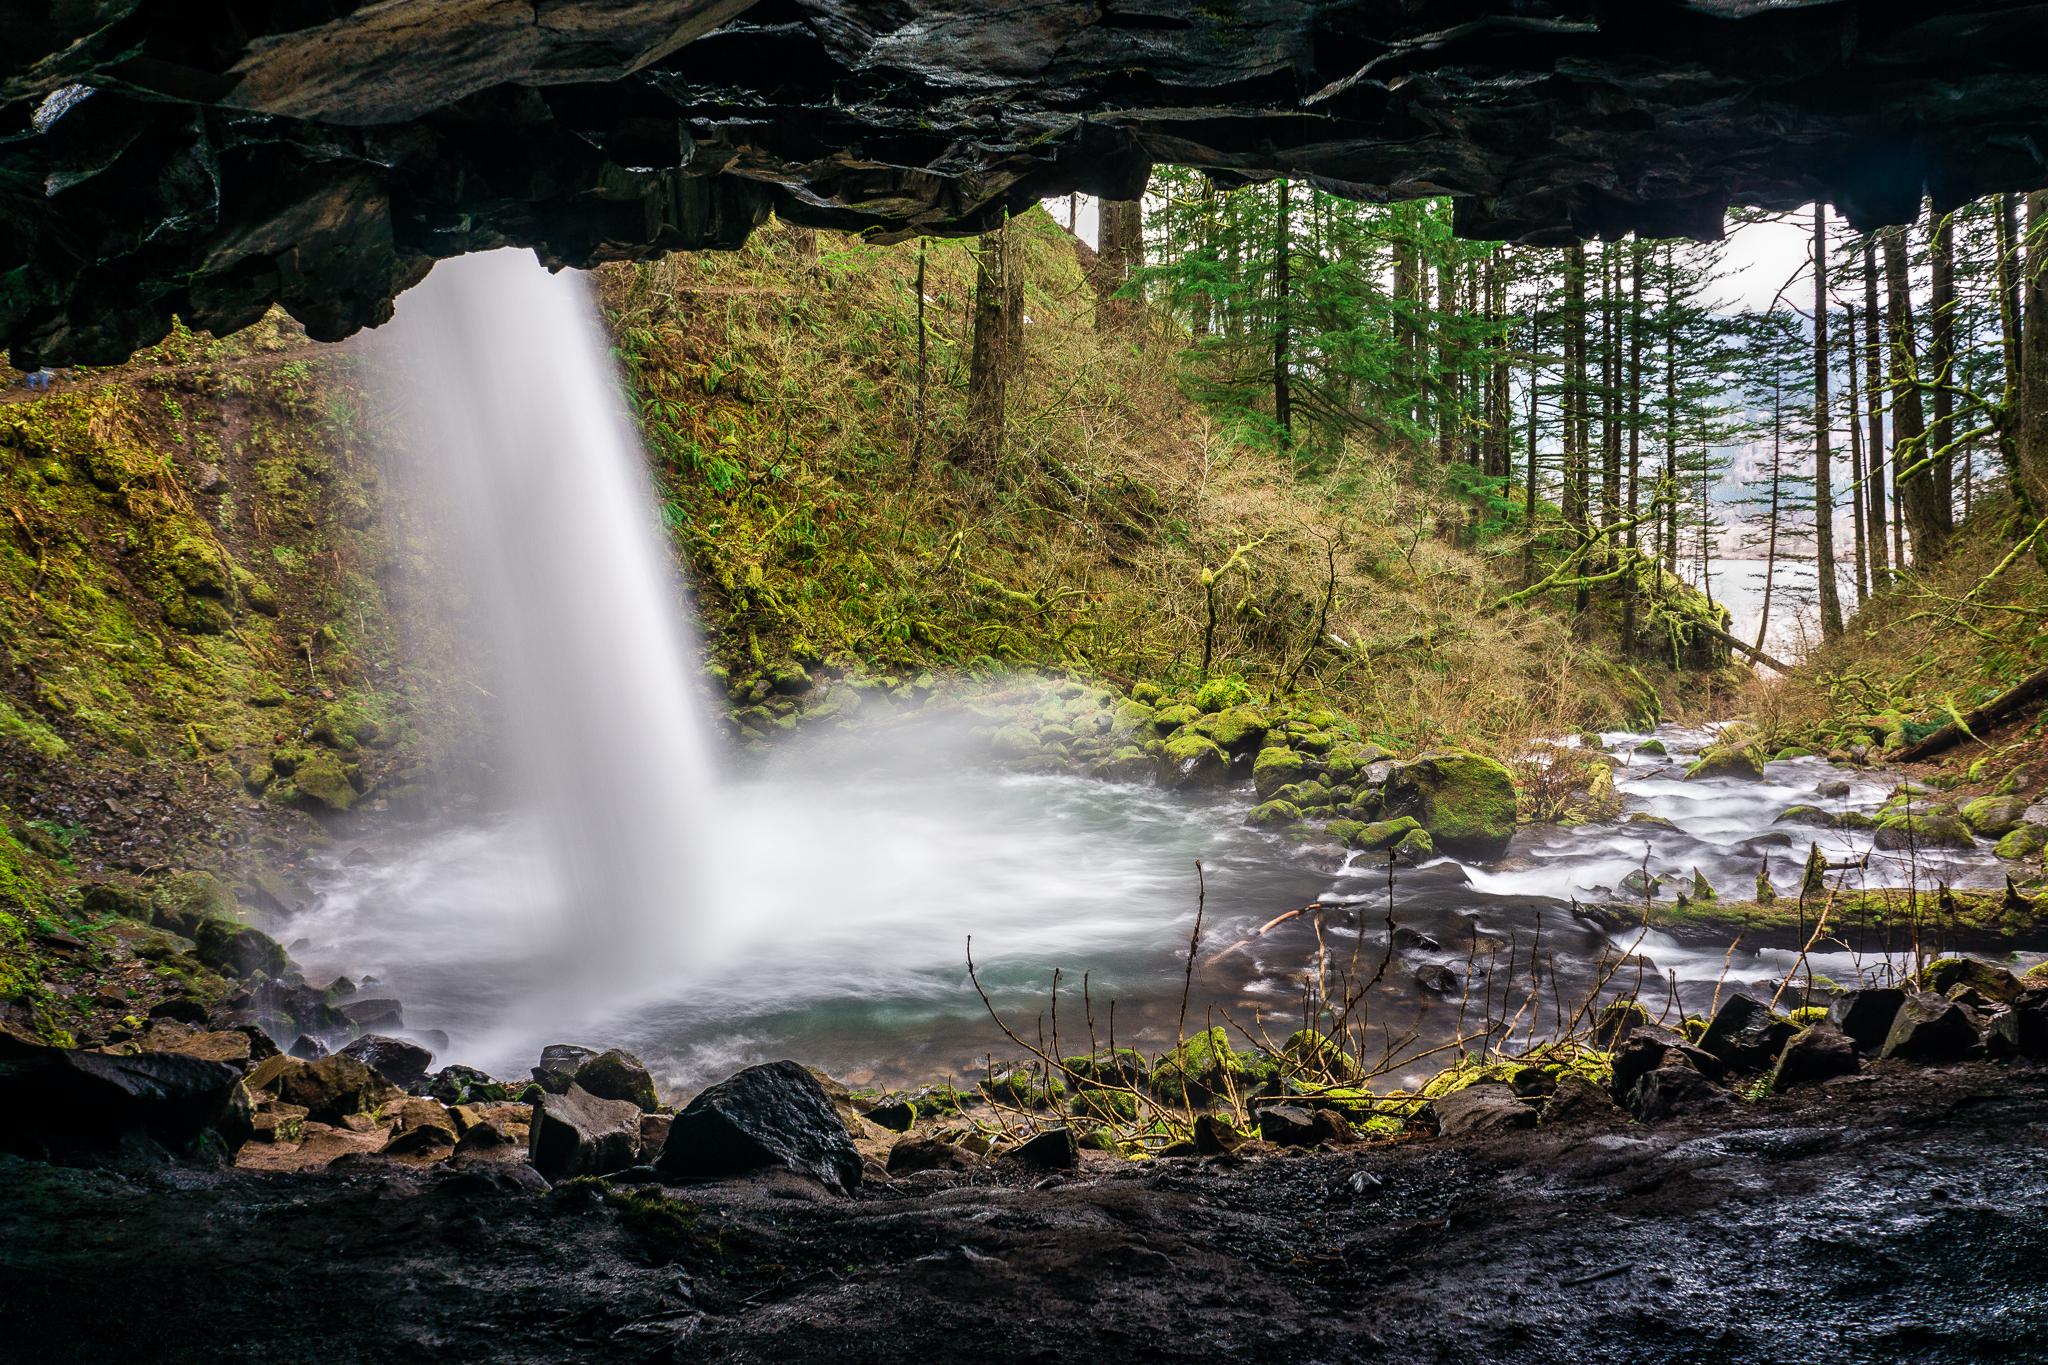 Behind Ponytail Falls